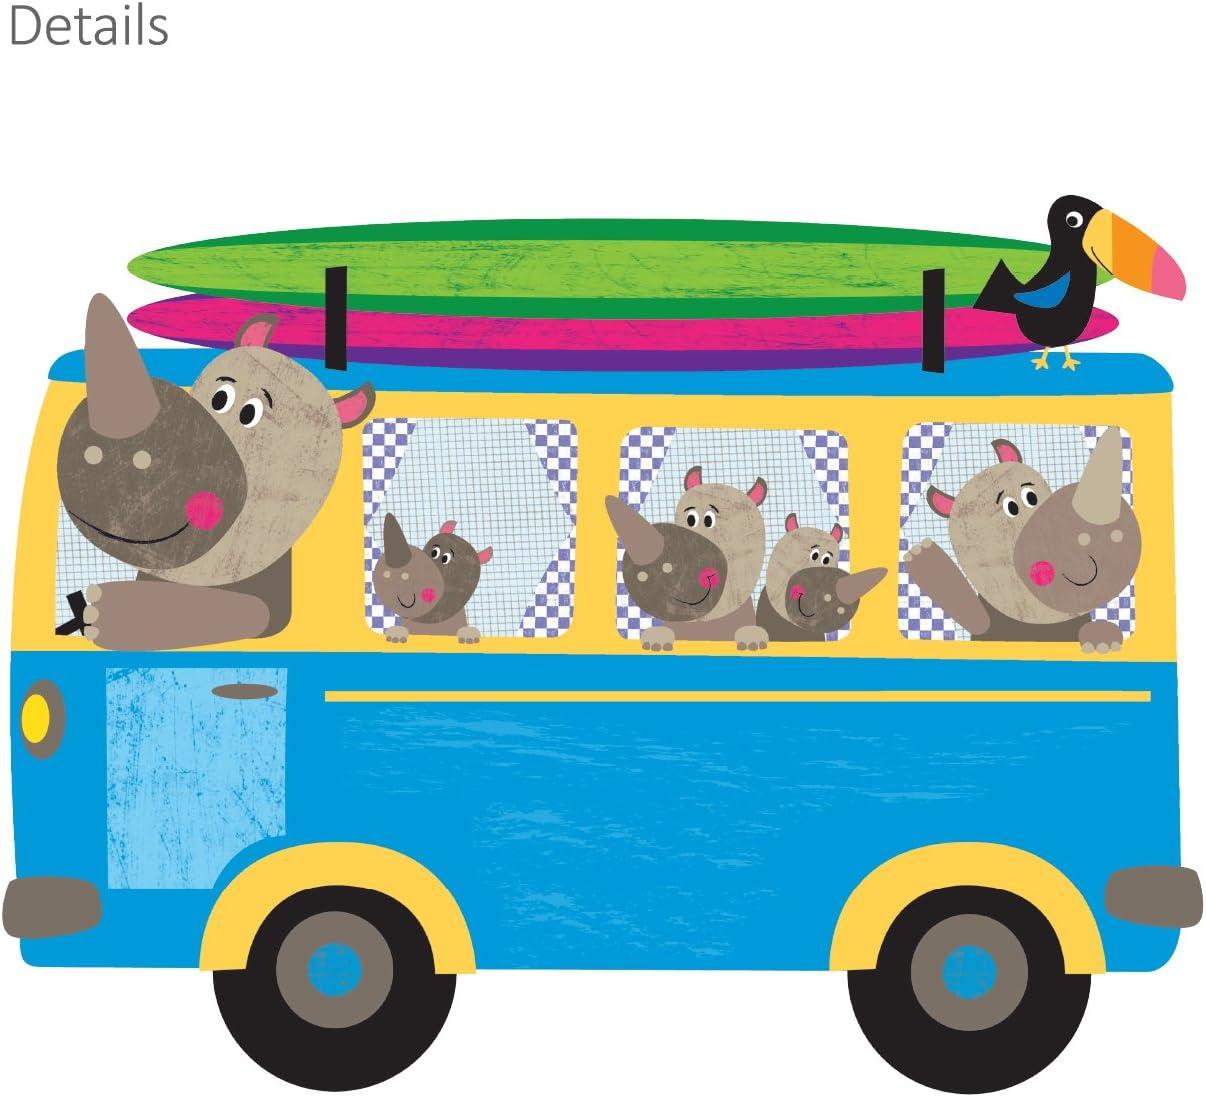 Funny Family Decal Autocollant pour voiture avec inscription /« Little Human on Board /» pour b/éb/é /à bord Sticker pour maman Autocollant humoristique D/écalques pour b/éb/é |